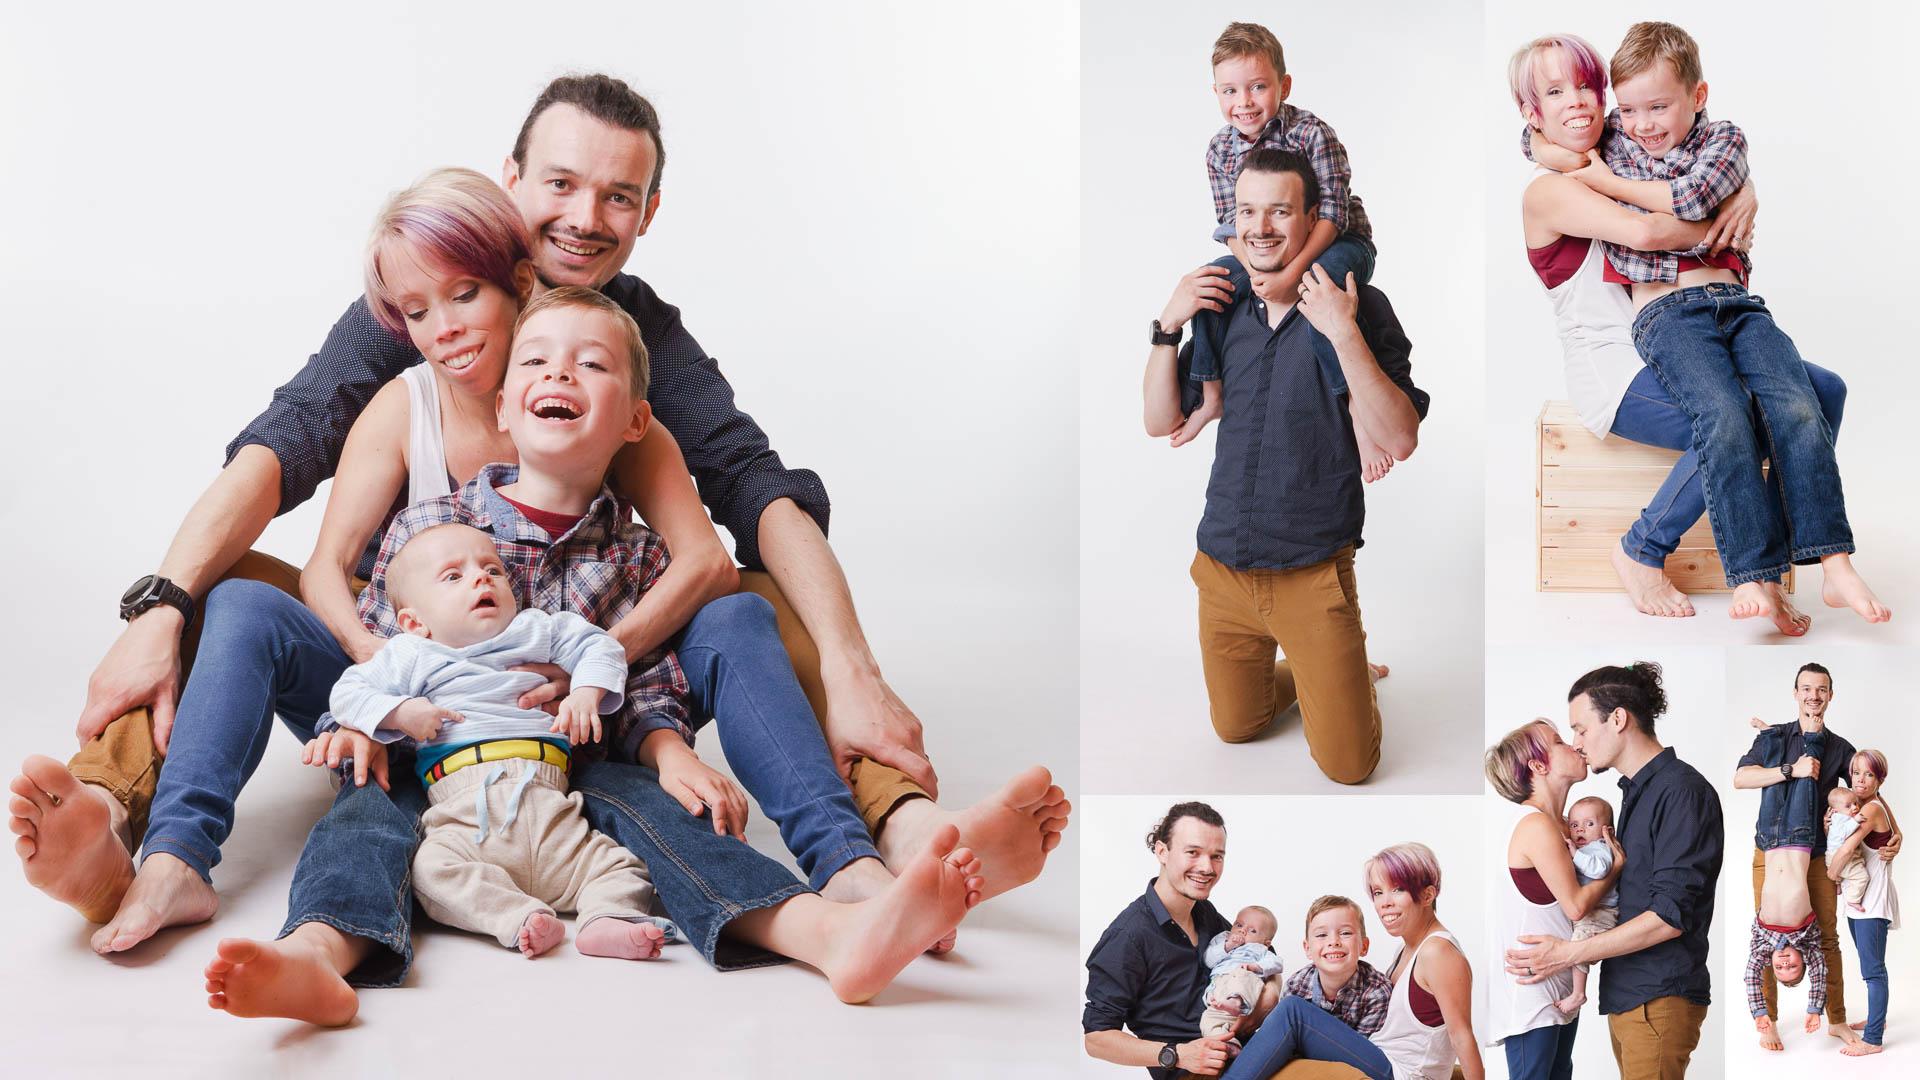 family photo sessions Southampton